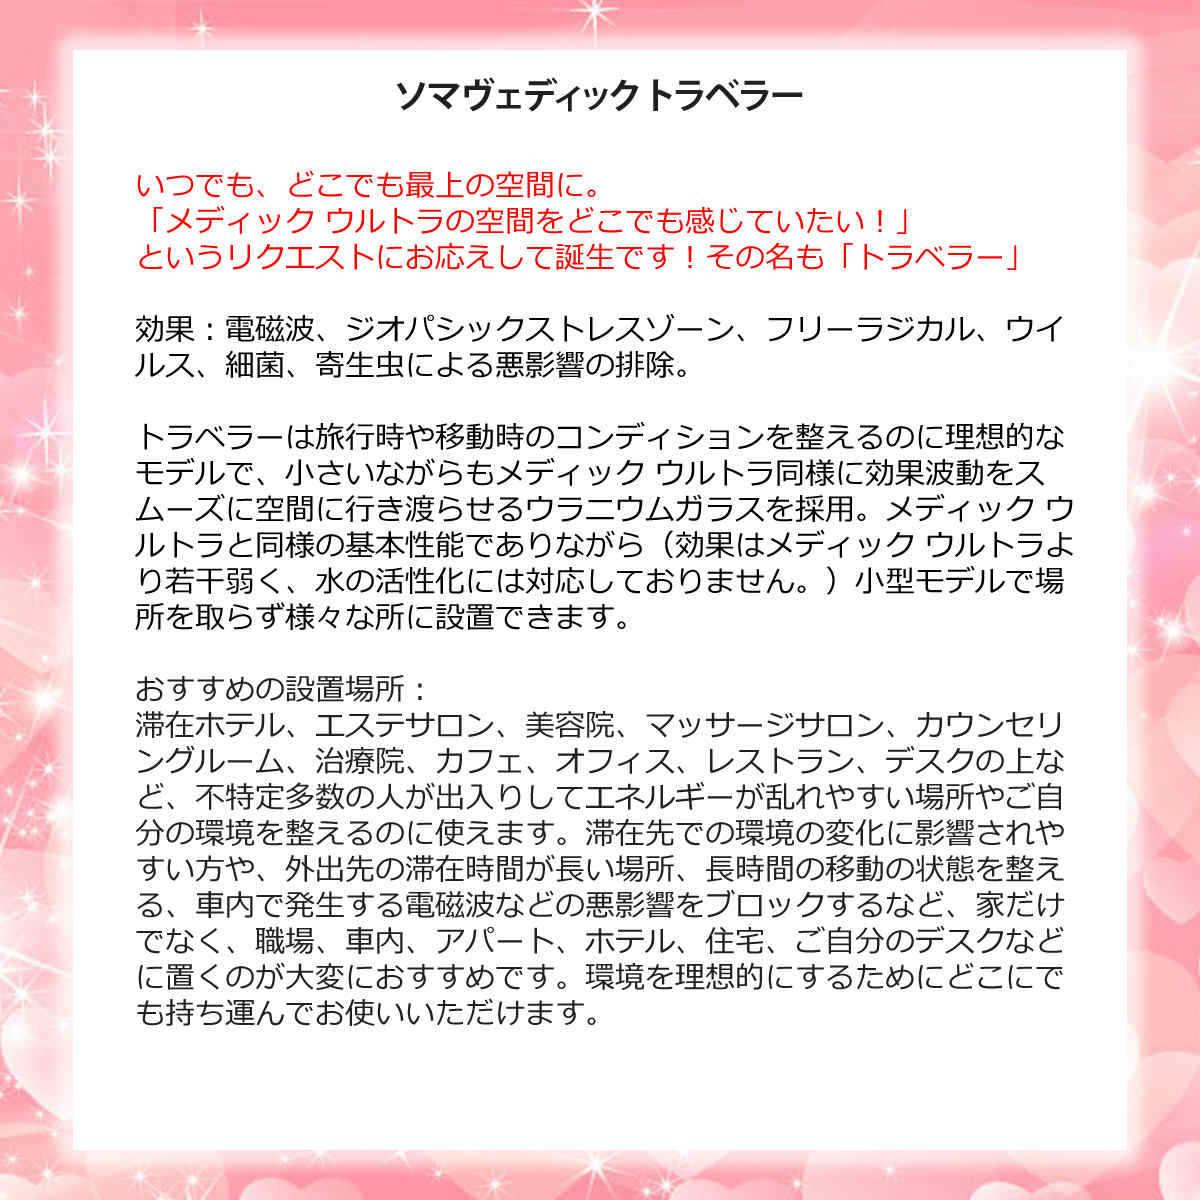 ソマヴェディック メディック トラベラー SM-09 USBケーブル付属 【翌日配達 送料無料】